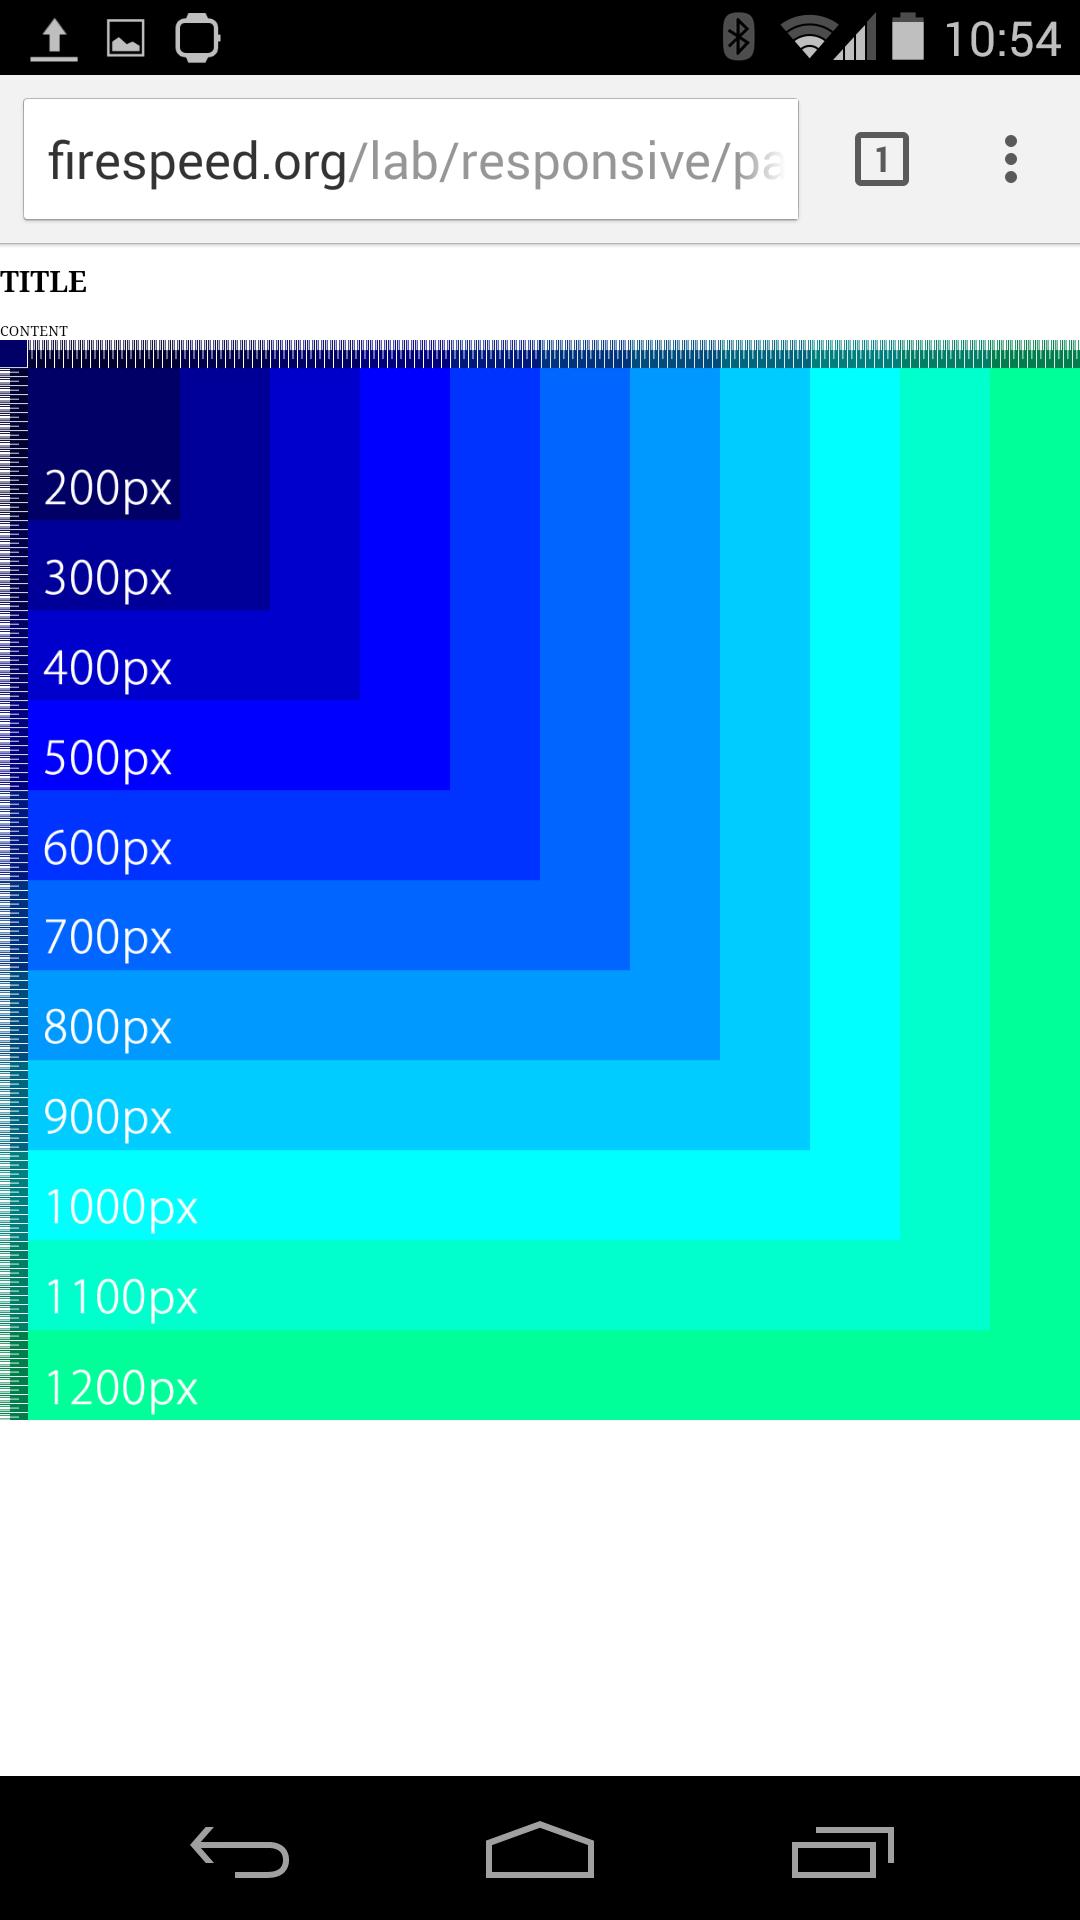 幅1200pxの画像がすべて表示される